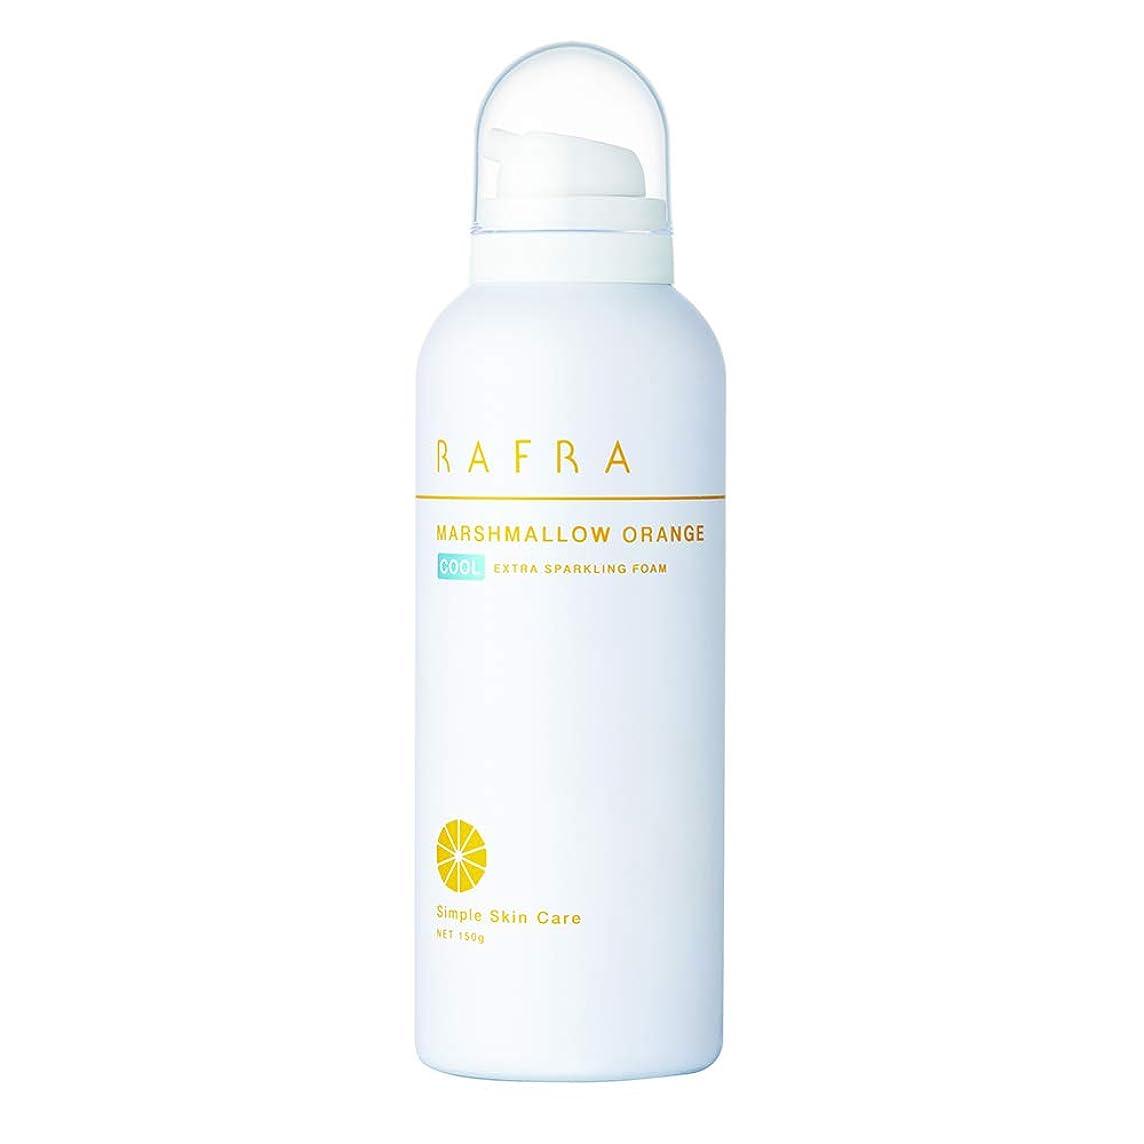 単に樹皮シェアラフラ マシュマロオレンジ クール 150g 炭酸泡洗顔